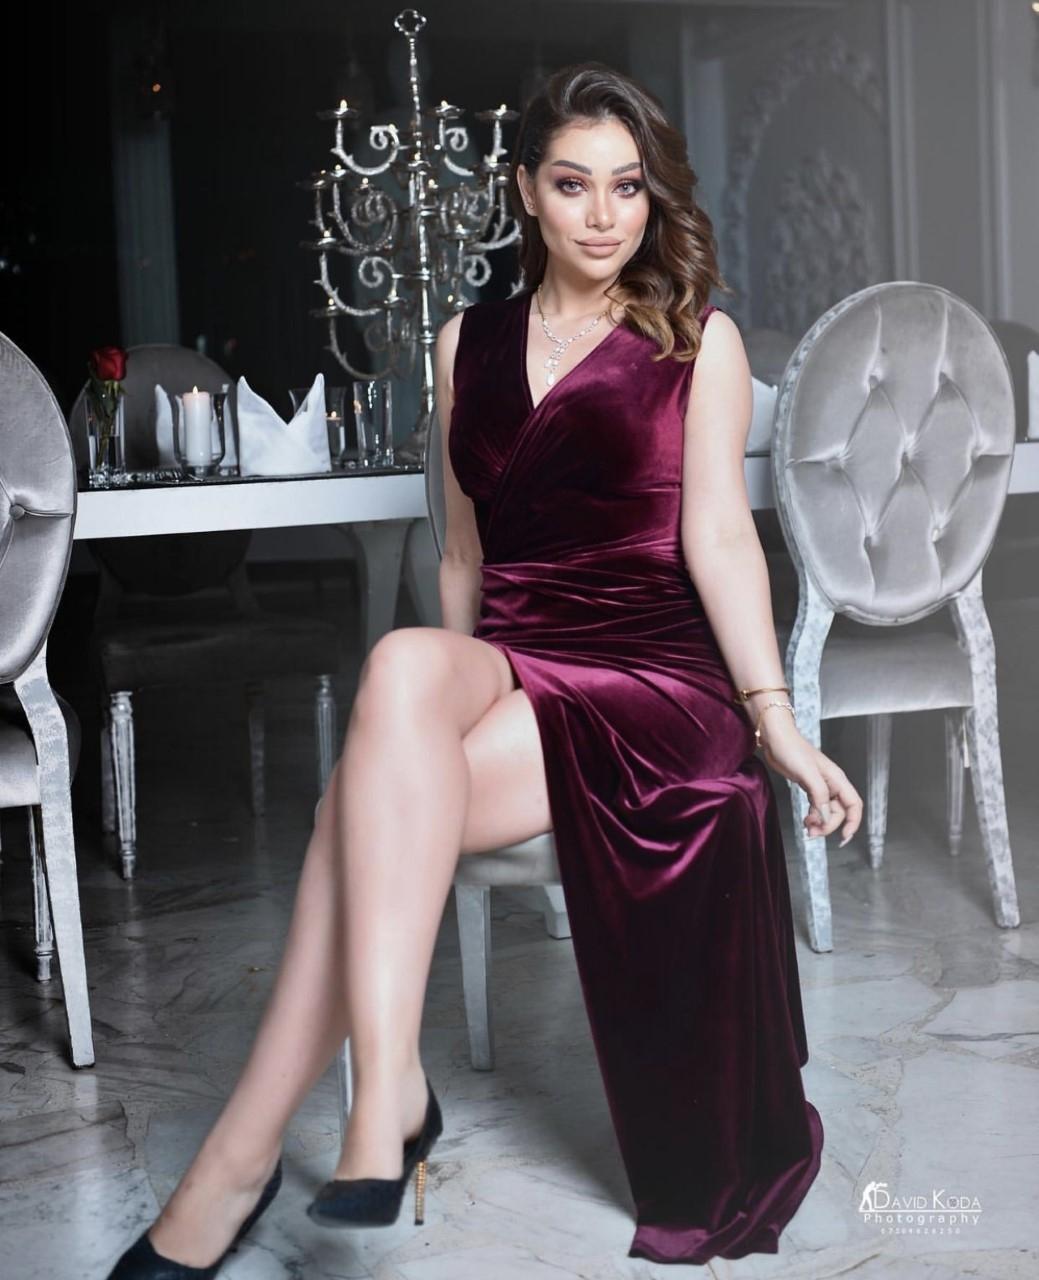 تيا الكردي ملكة جمال العرب: أفتخر بتمثيل بلدي سوريا للمرة الثالثة